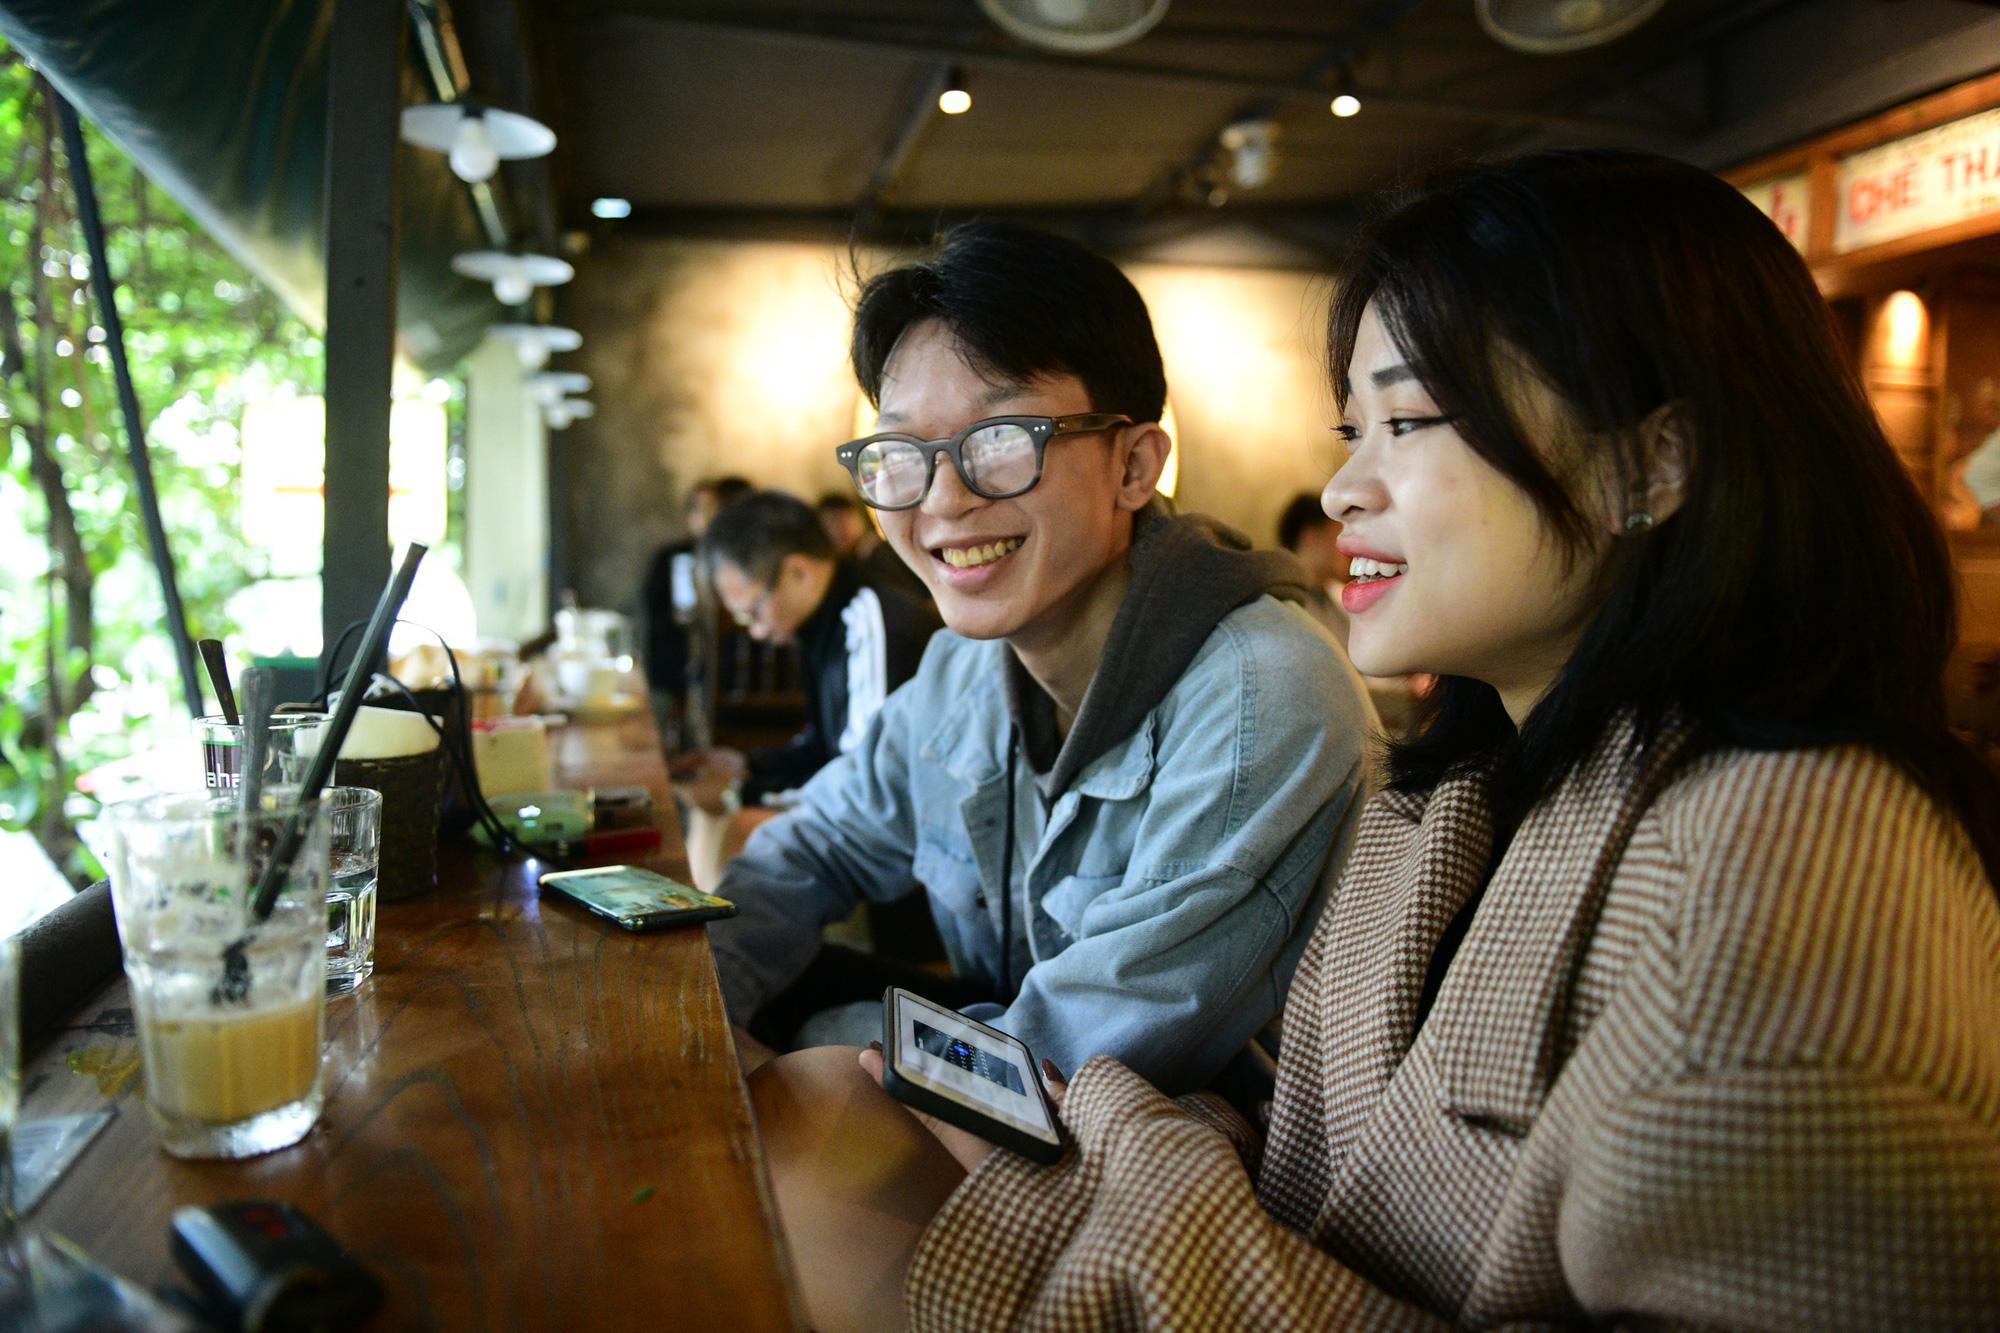 Quán cà phê ở Hà Nội đông nghịt khách ngày mở bán tại chỗ - Ảnh 12.